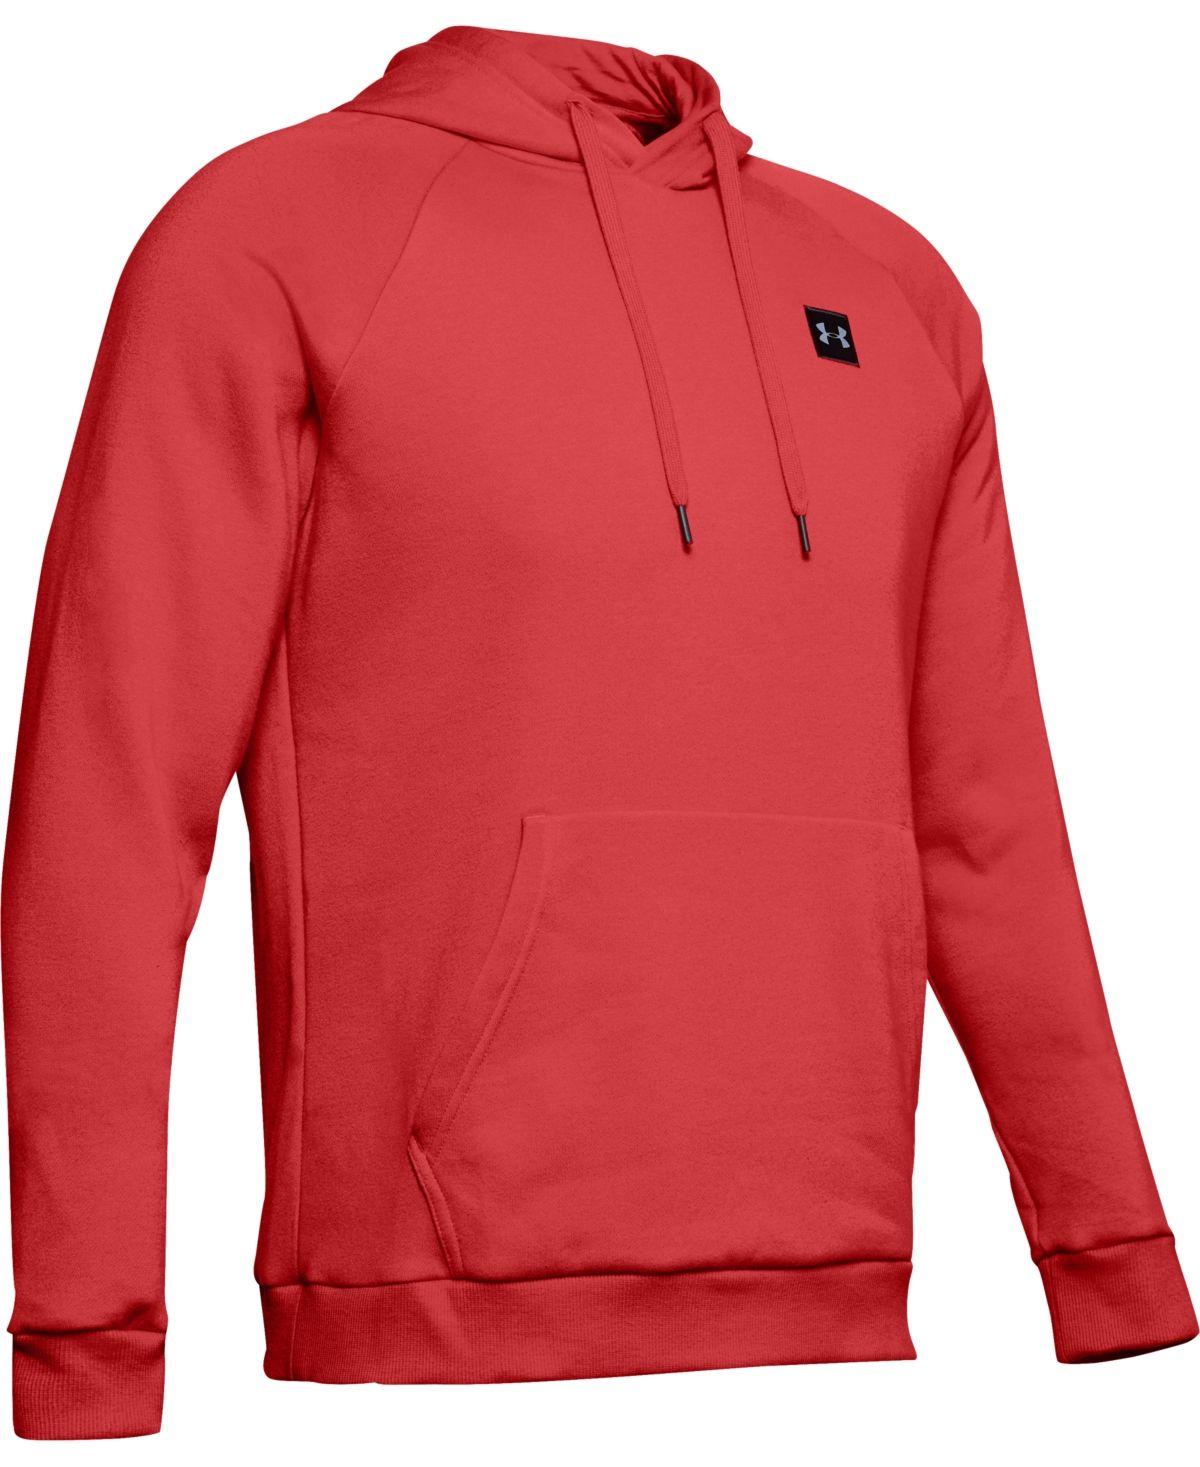 Photo of Under Armour Men's Rival Fleece Hoodie & Reviews – Hoodies & Sweatshirts – Men – Macy's